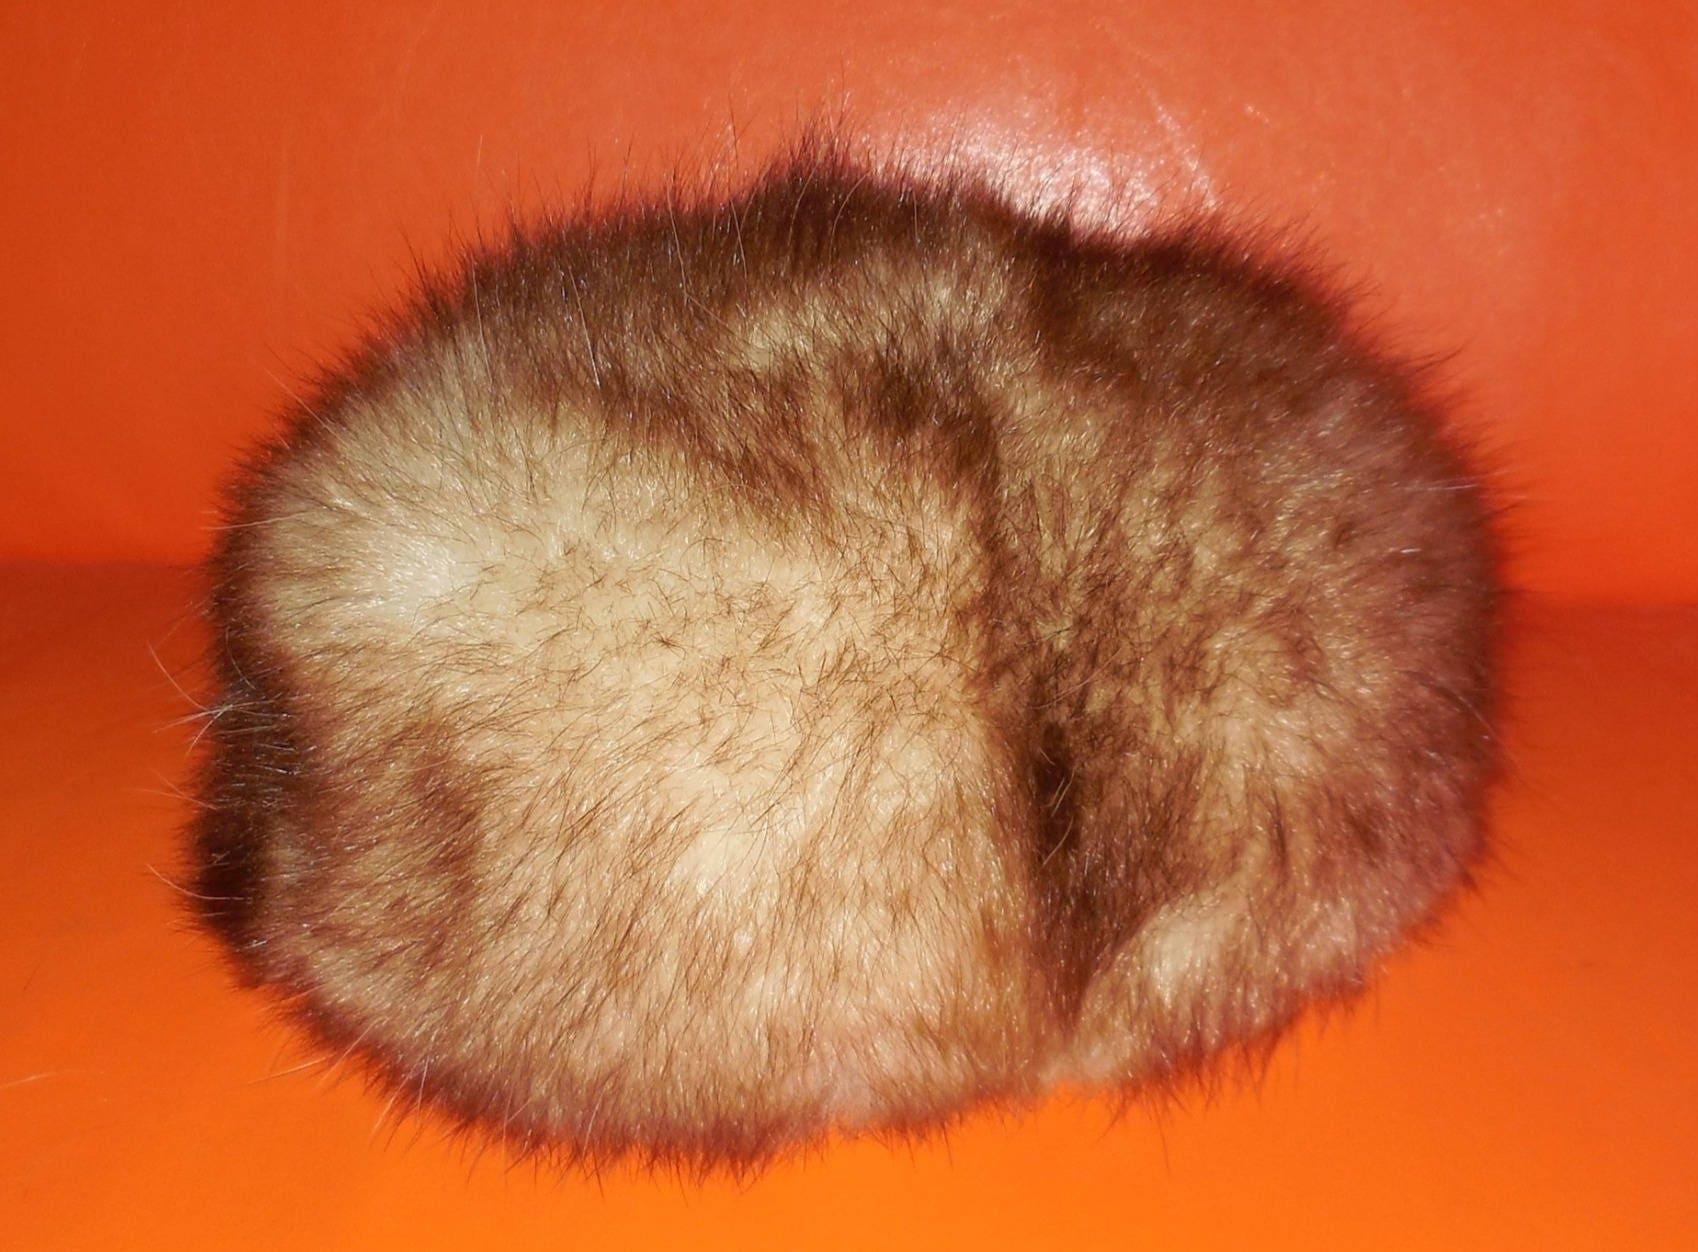 0b1dcc19919 SALE Vintage Fur Hat 1960s 70s Fluffy Possum Fur Hat Bubble Hat Pouf Hat  Cream Brown Apres Ski Hat Mod Boho Fur Hat 22 in 56 cm